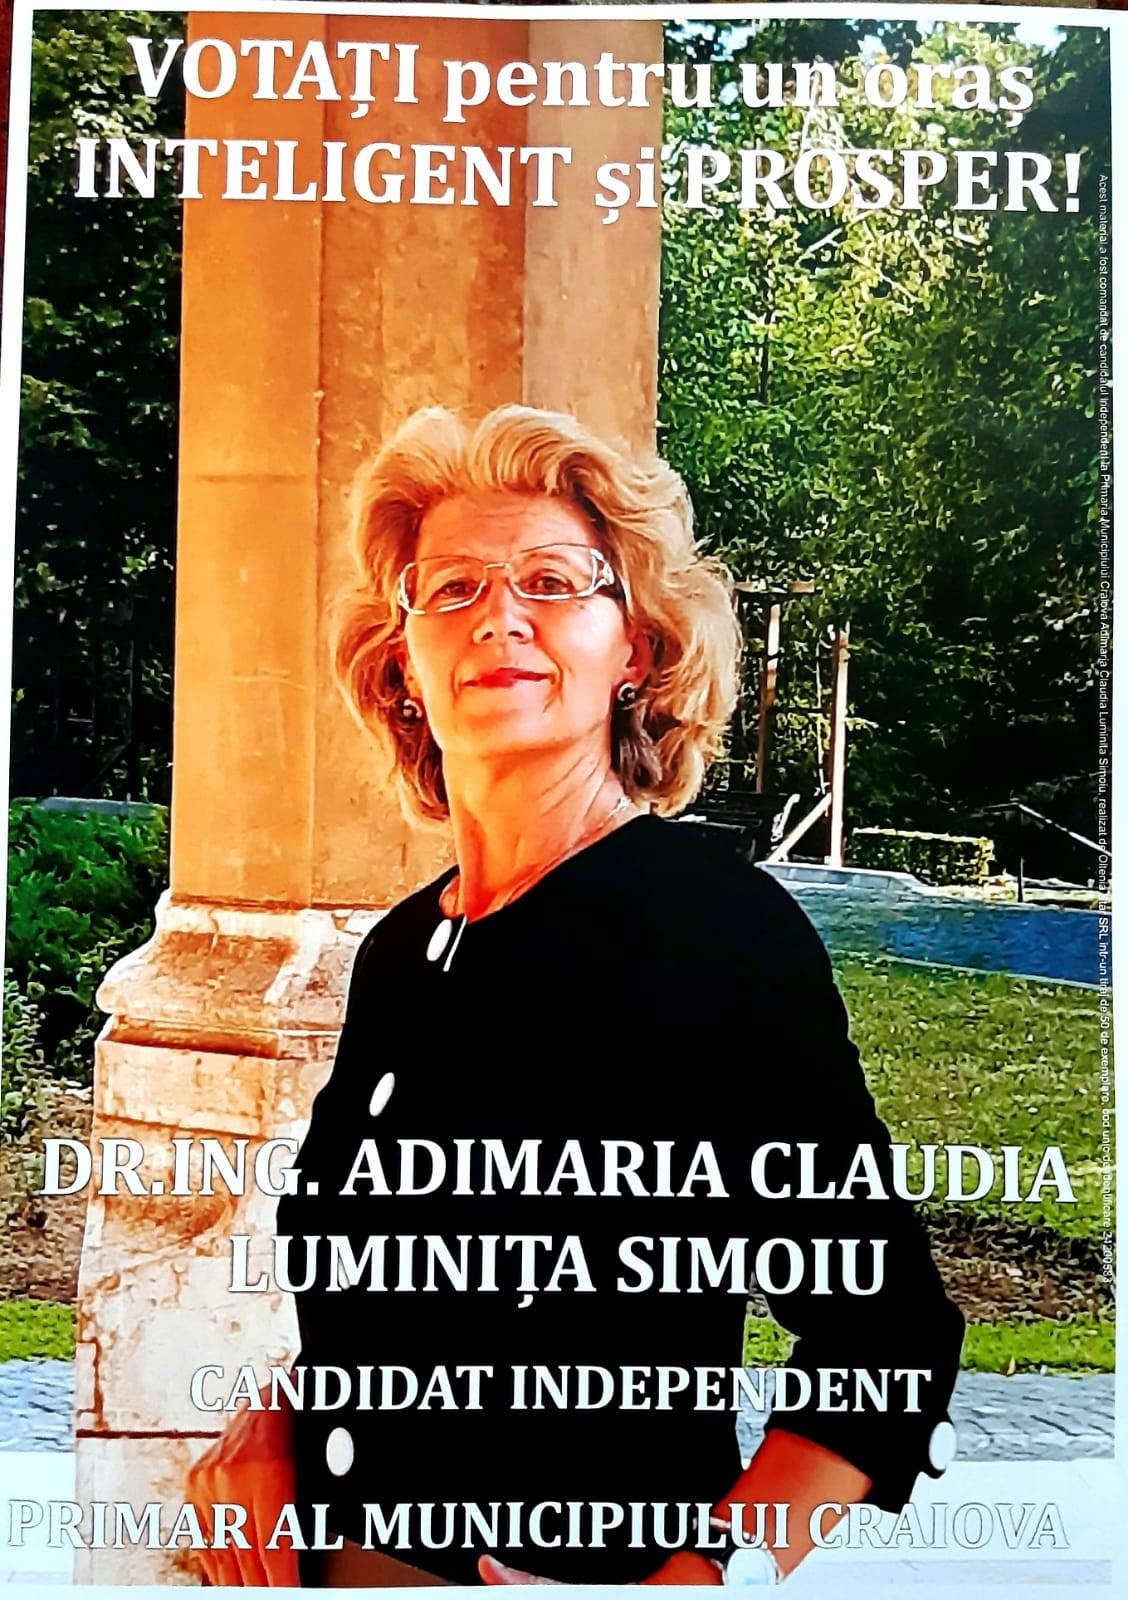 https://ziarul.romania-rationala.ro/control/articole/articole/118775863_112841127212801_8261179476262733316_o.jpg